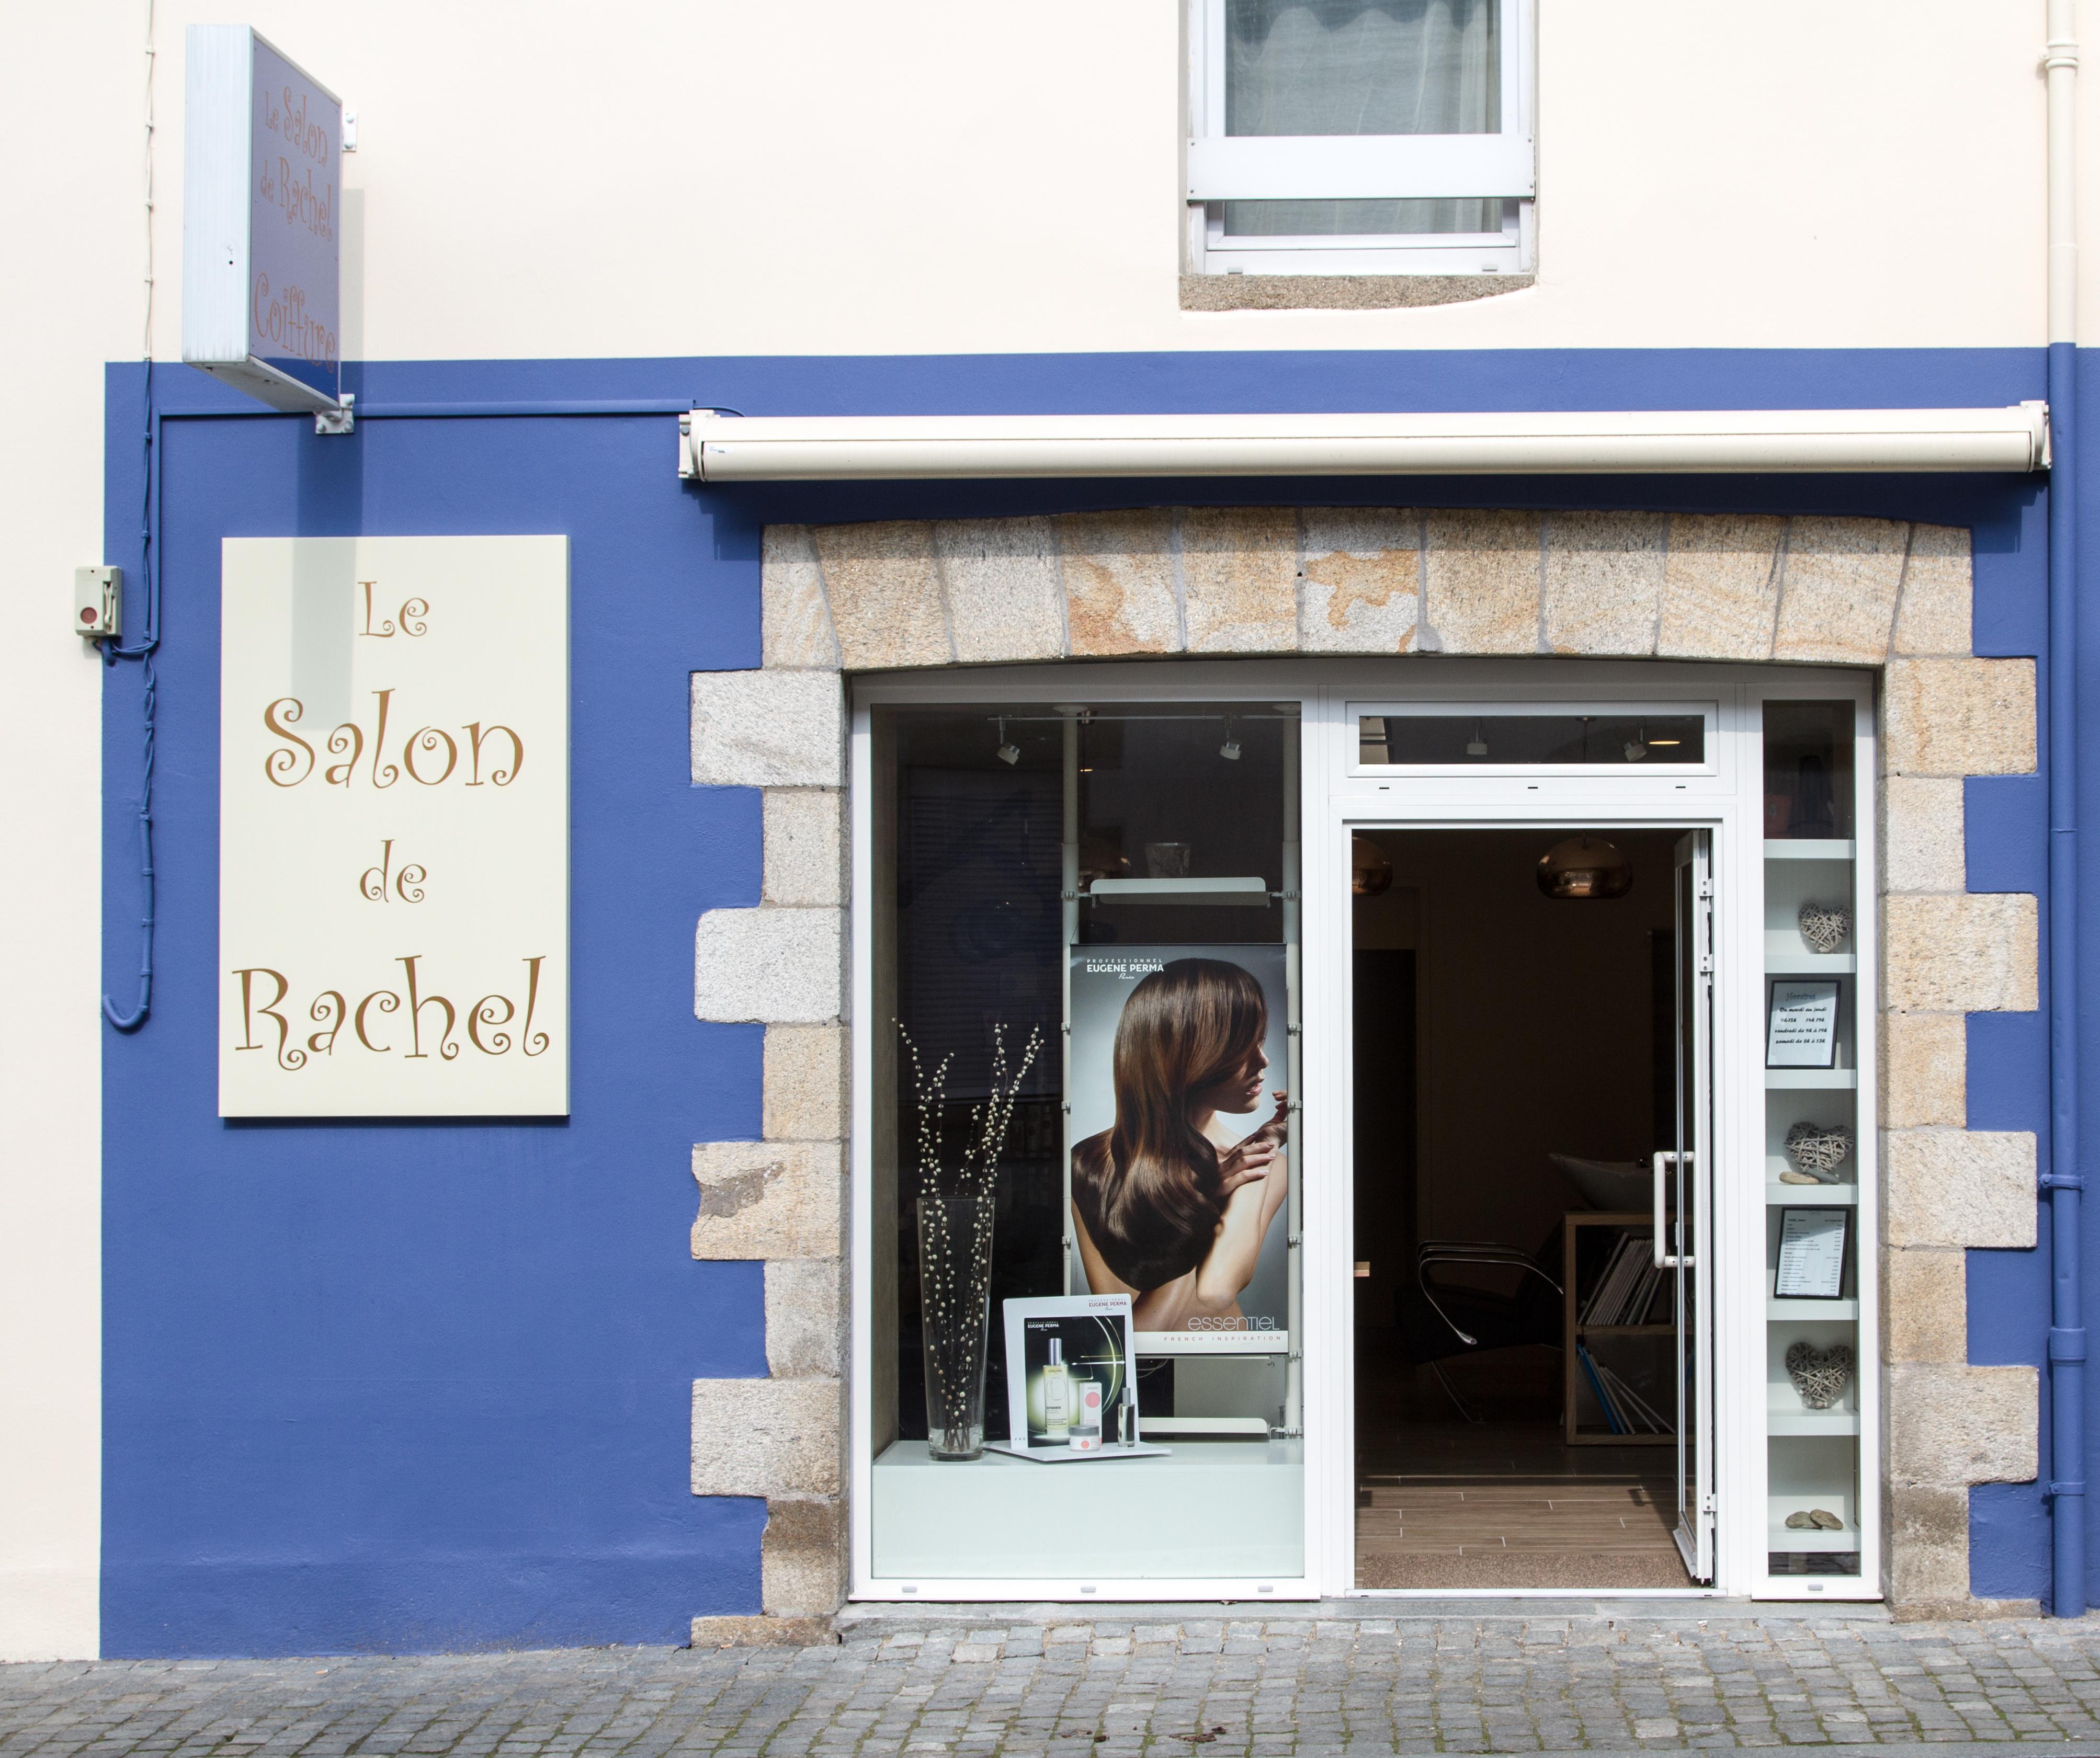 Coiffure Le Salon De Rachel Bouvron - Avis, Tarifs, Horaires ...